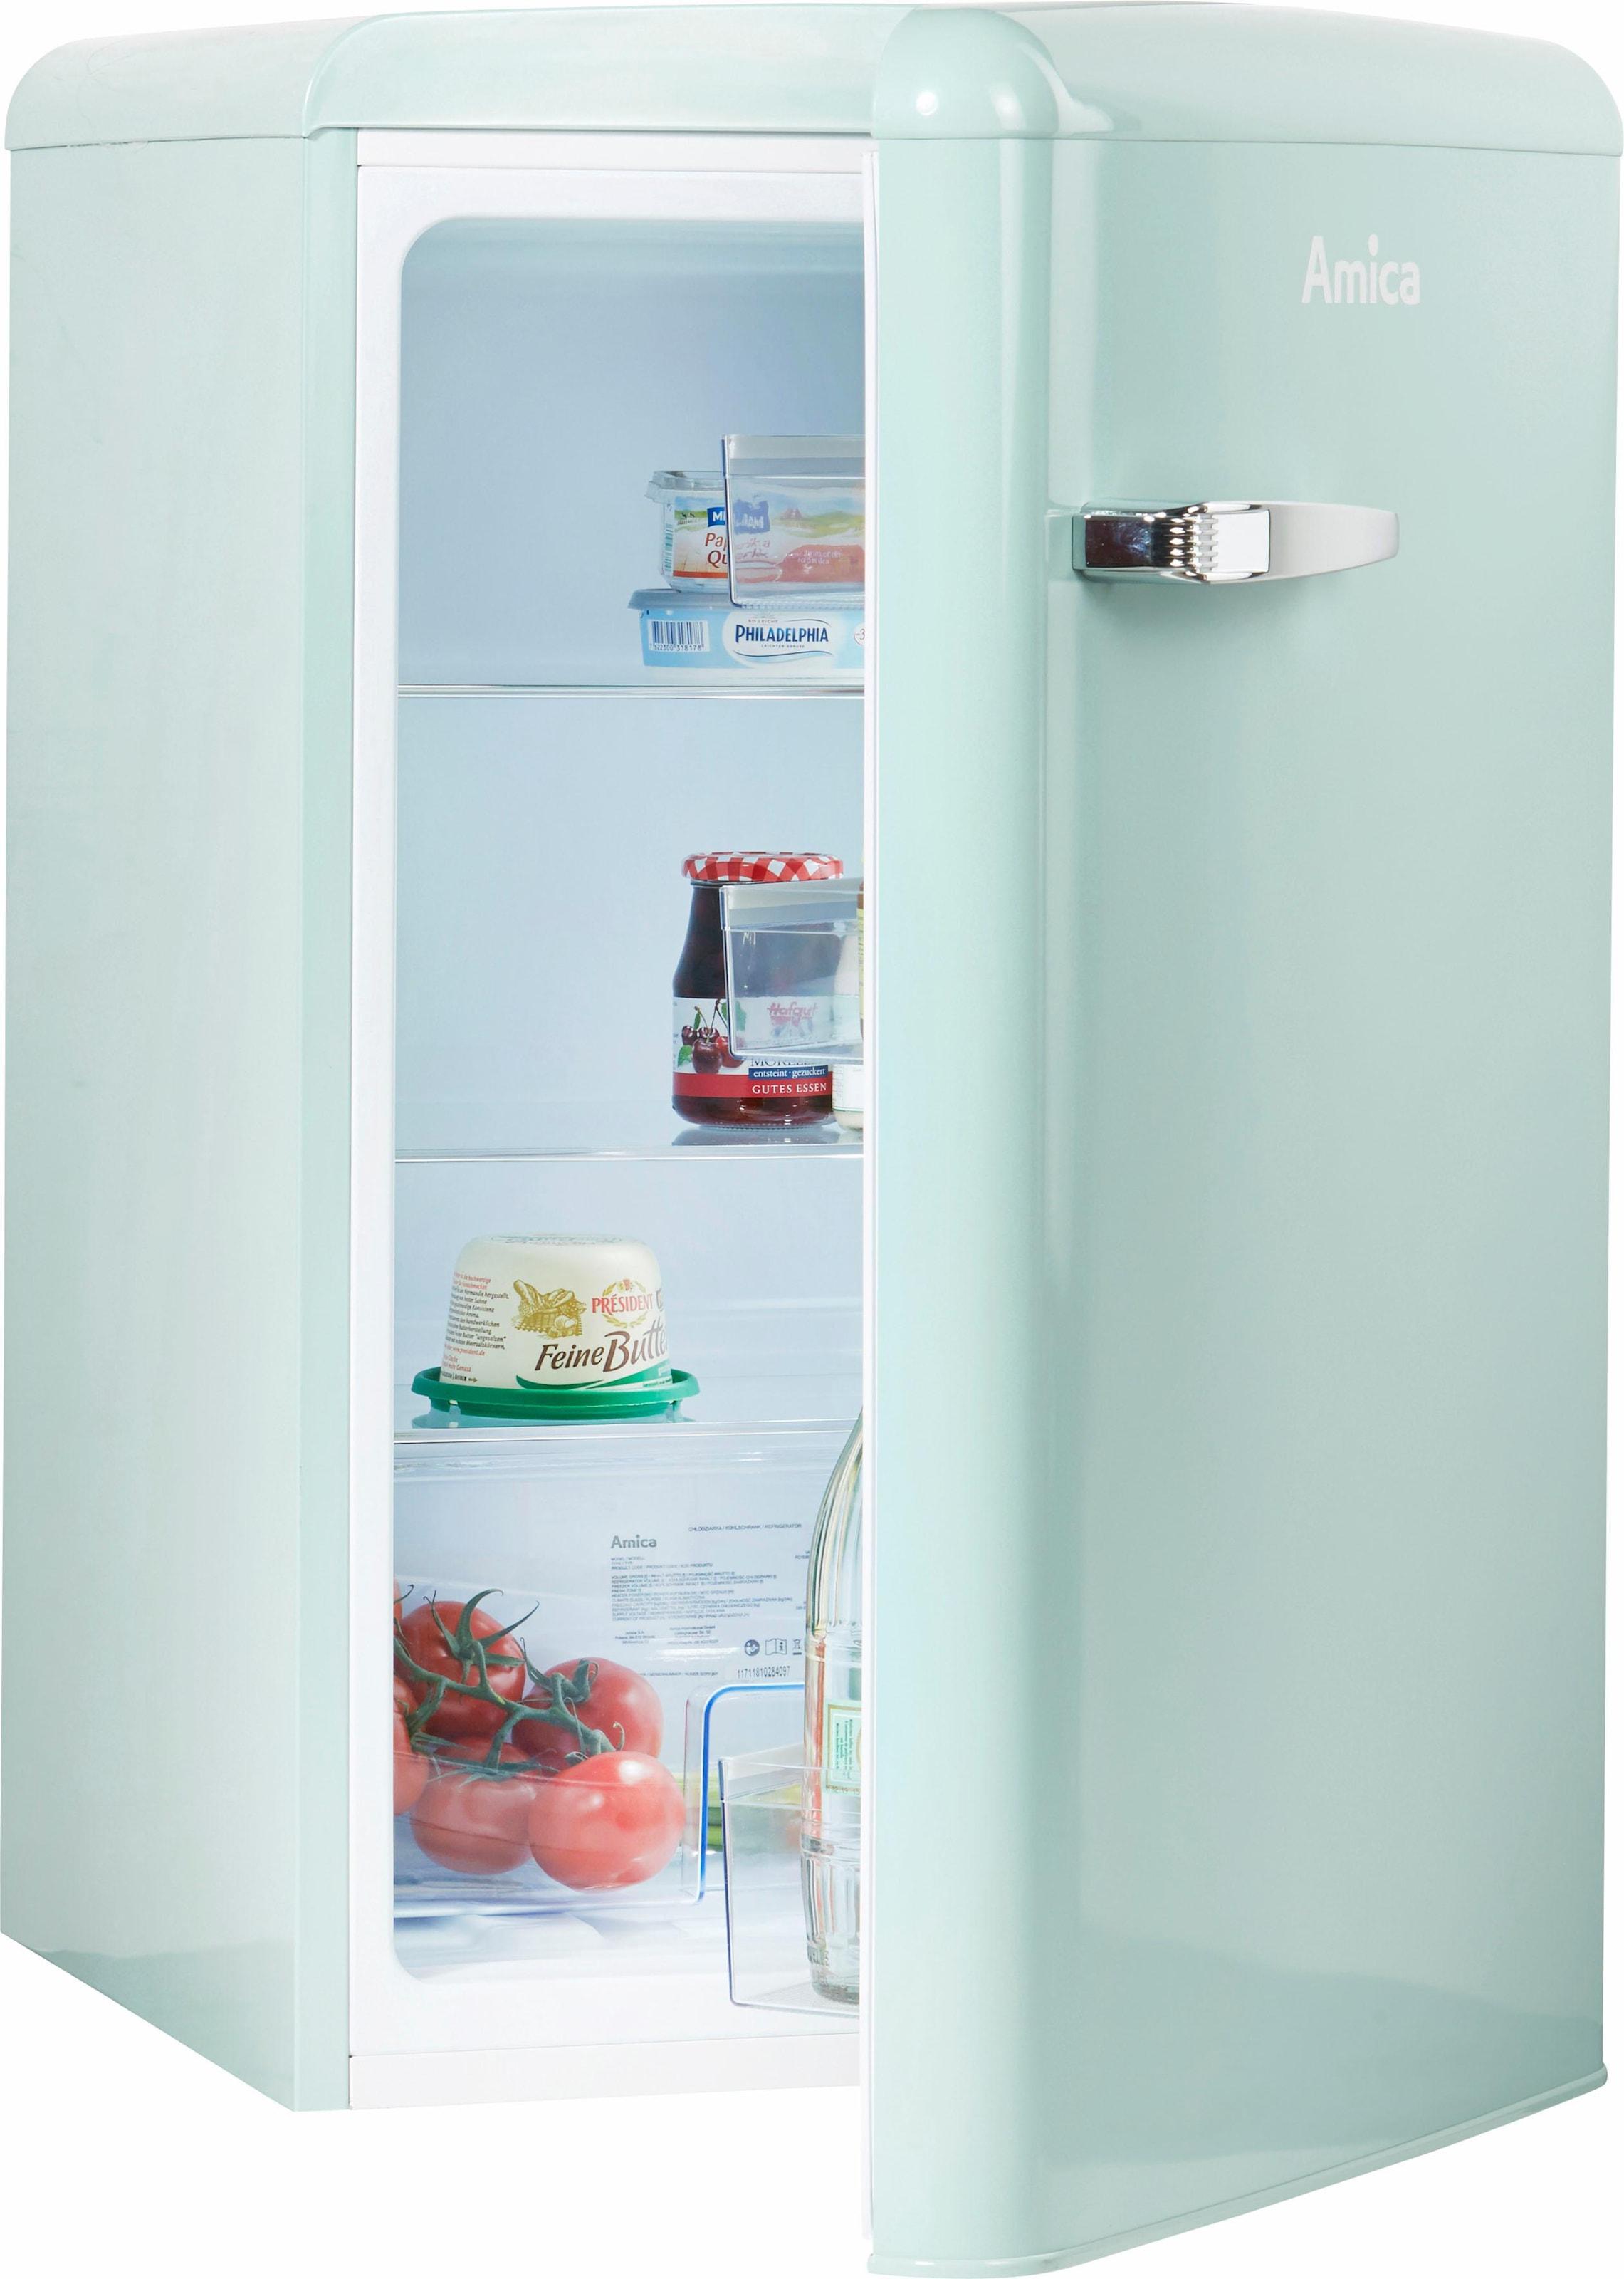 Amica Retro Kühlschrank Hellblau : Retro kühlschränke auf rechnung raten kaufen baur